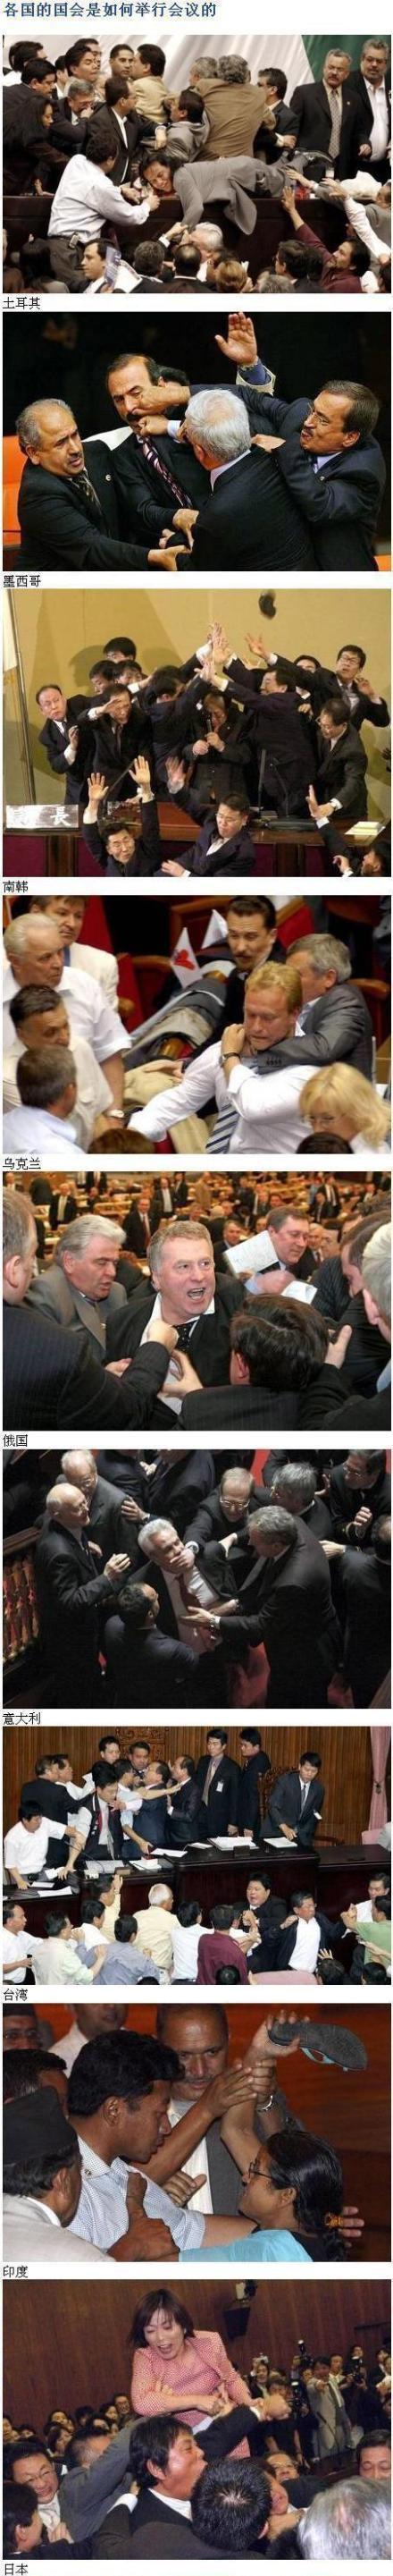 各国国会是如何举行会议的~~